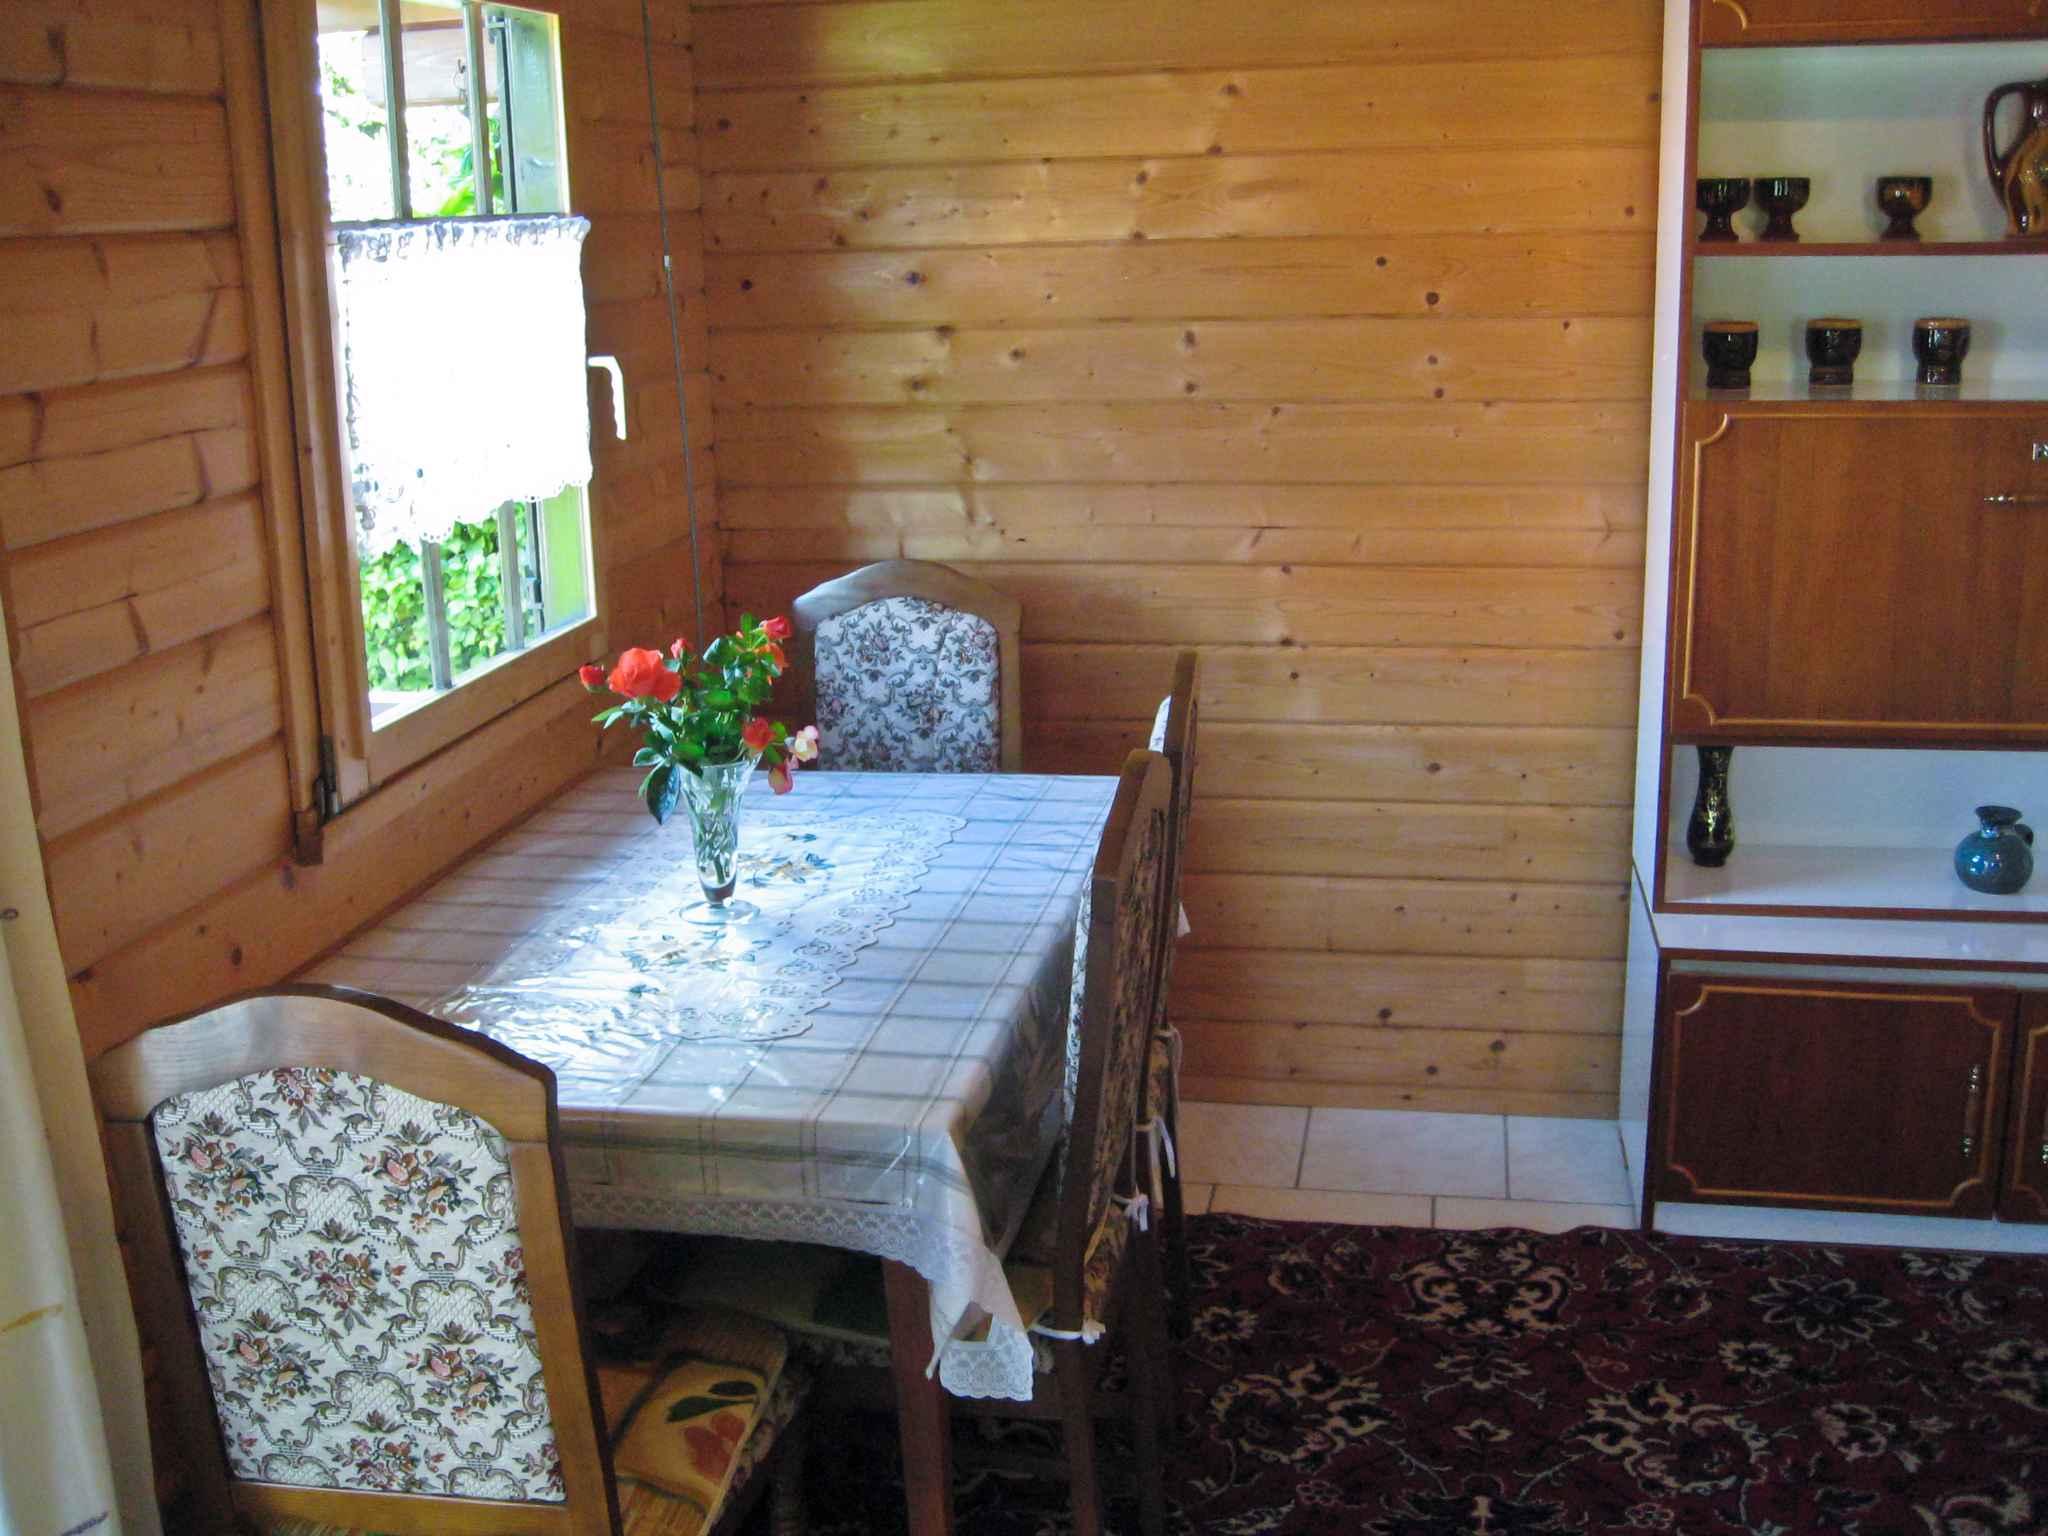 Ferienhaus Hütte mit Terrasse und Garten (317258), Putbus, Rügen, Mecklenburg-Vorpommern, Deutschland, Bild 12